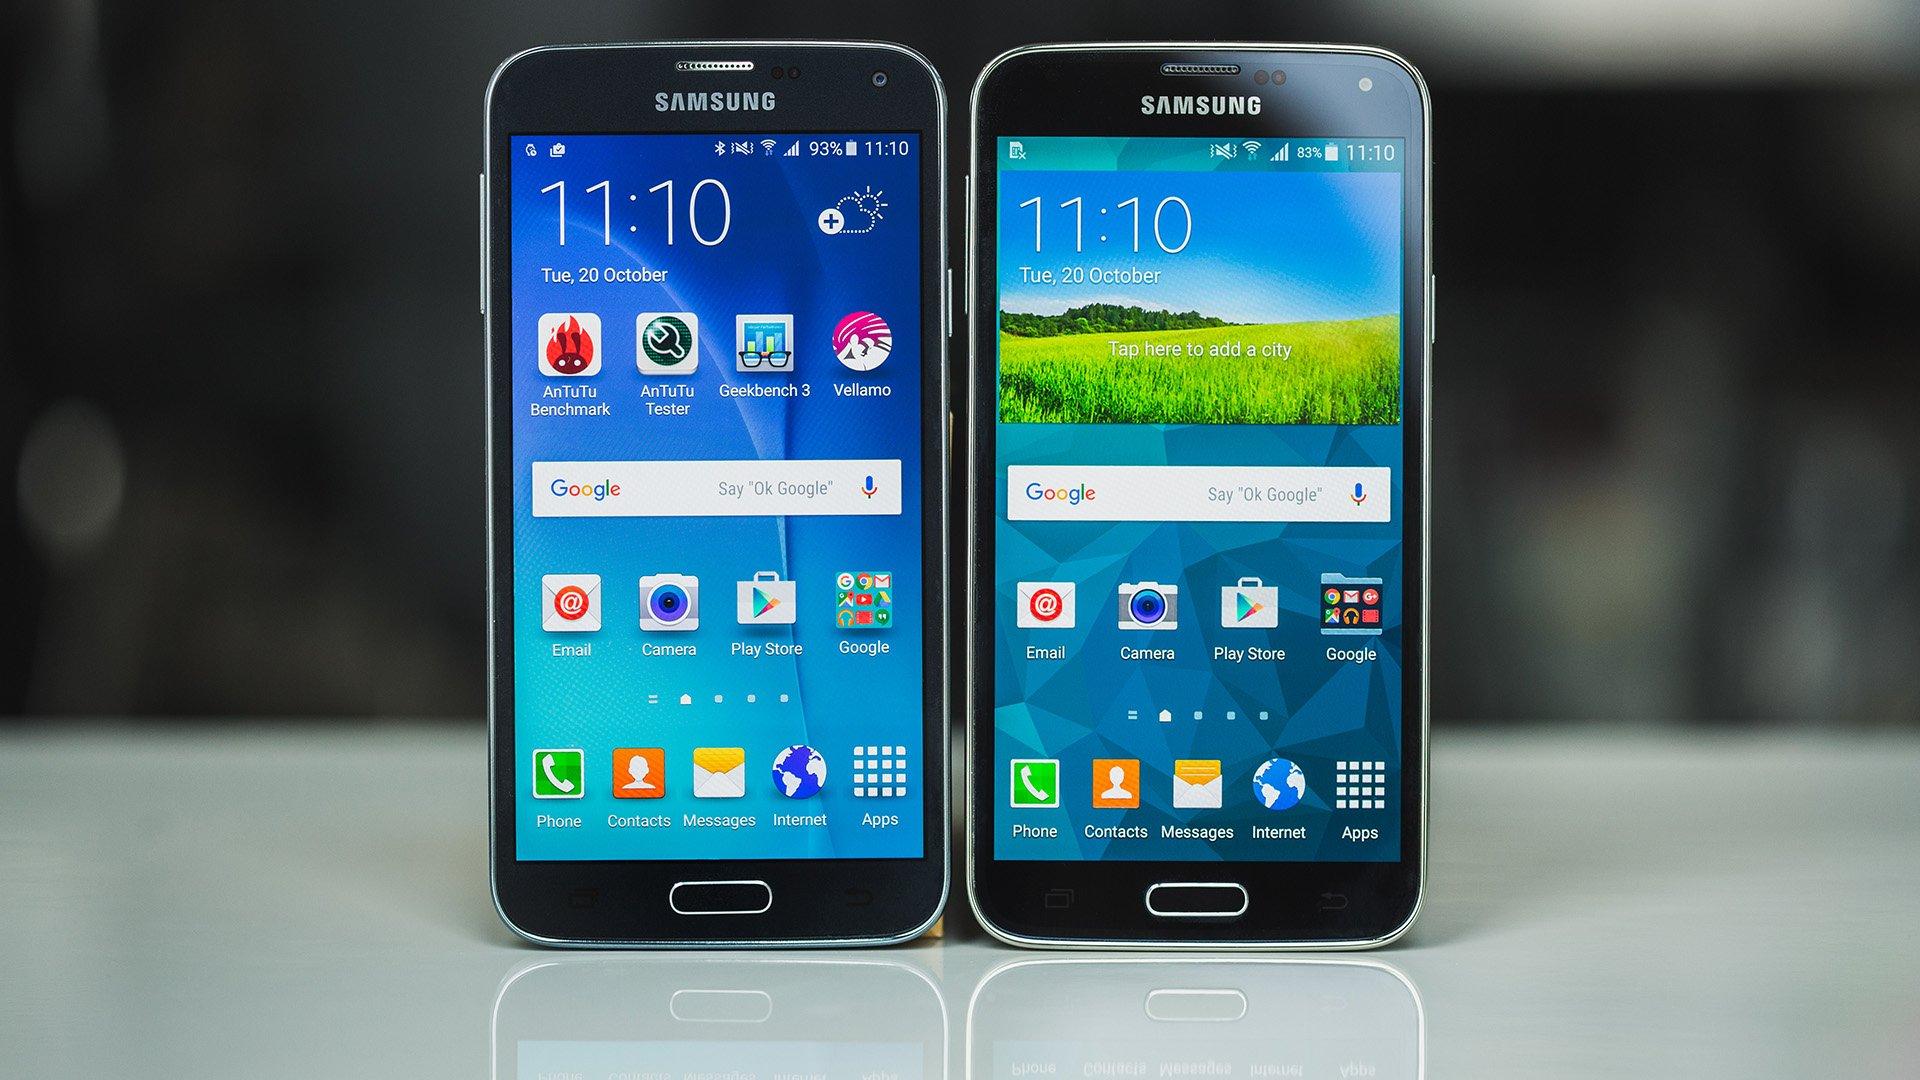 Comparación De Samsung Galaxy S5 Vs Galaxy S5 Neo Encuentra Las 5 Diferencias Nextpit